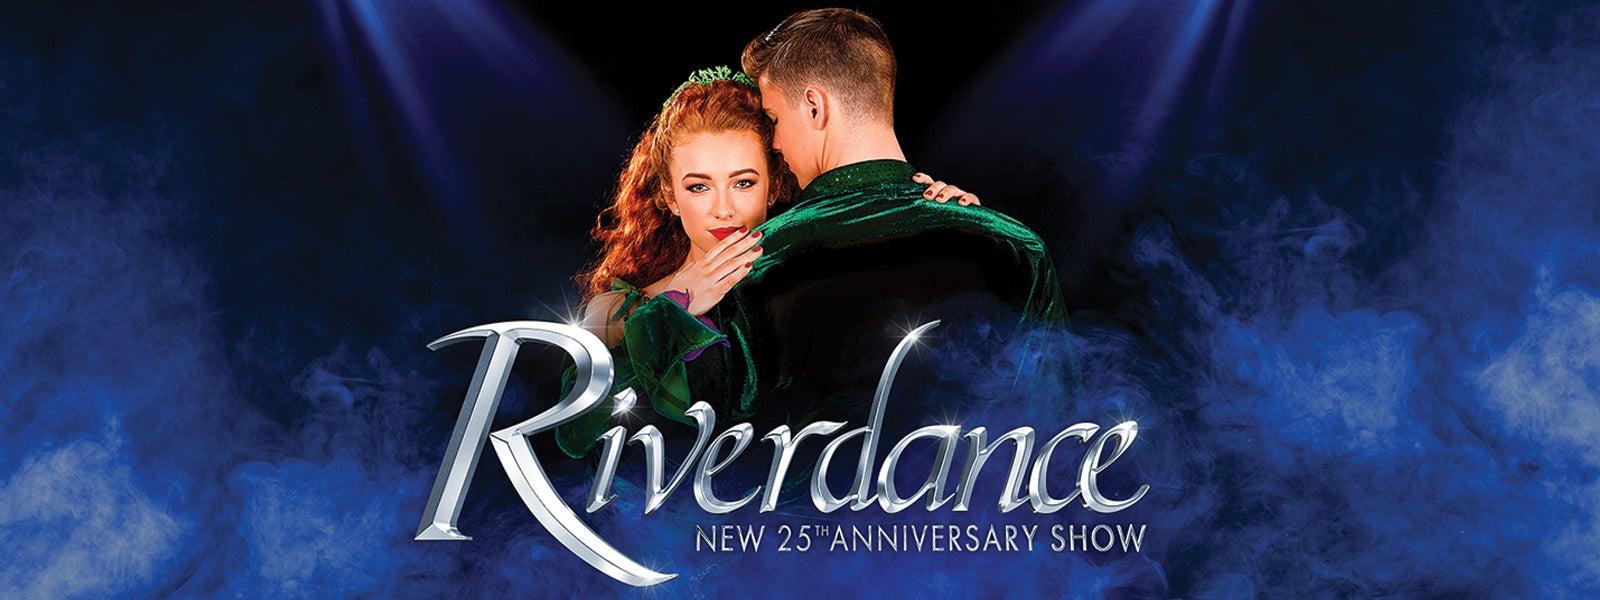 Riverdance_1600x600_BRANDED.jpg